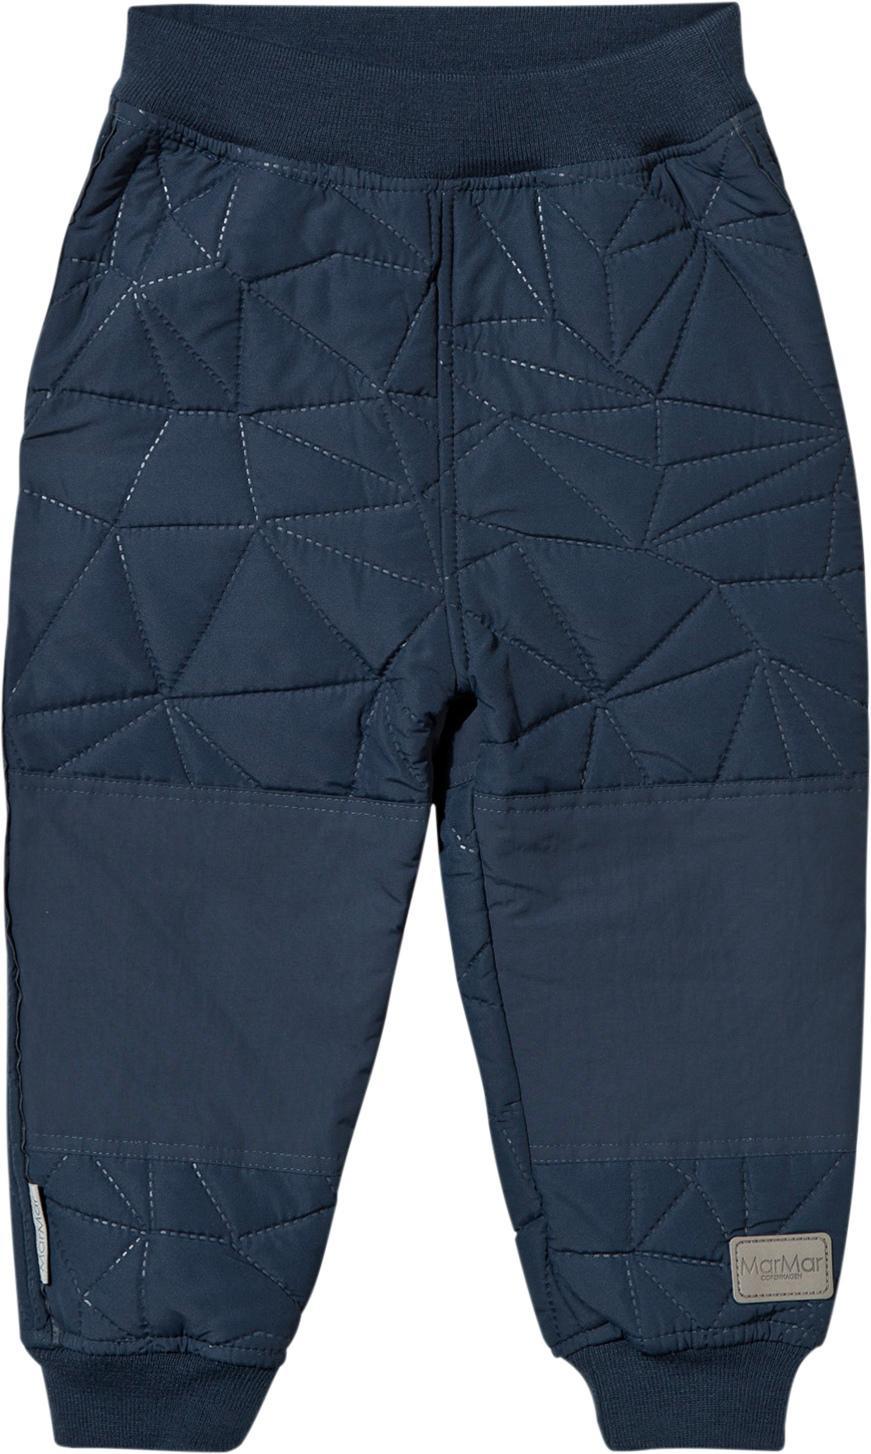 d3dd0639 Best pris på MarMar Copenhagen Odin Thermo Pants - Se priser før kjøp i  Prisguiden